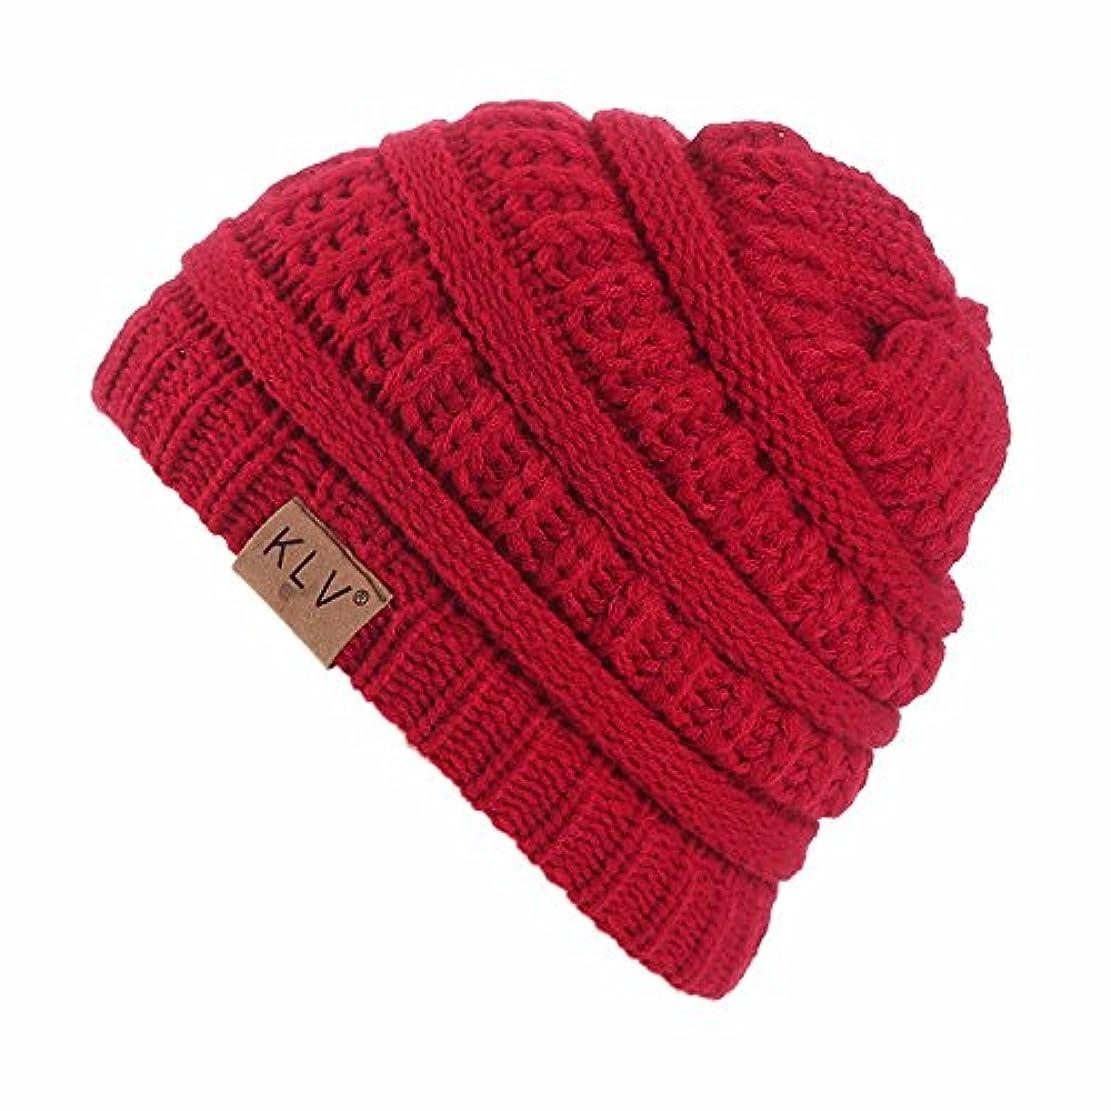 トースト勧める航空便Racazing クリスマス Hat 選べる6 色 編み物 ニット帽 子供用 通気性のある 男女兼用 防風防寒对策 ニット帽 暖かい 軽量 屋外 クリスマス Unisex Cap (ワイン)